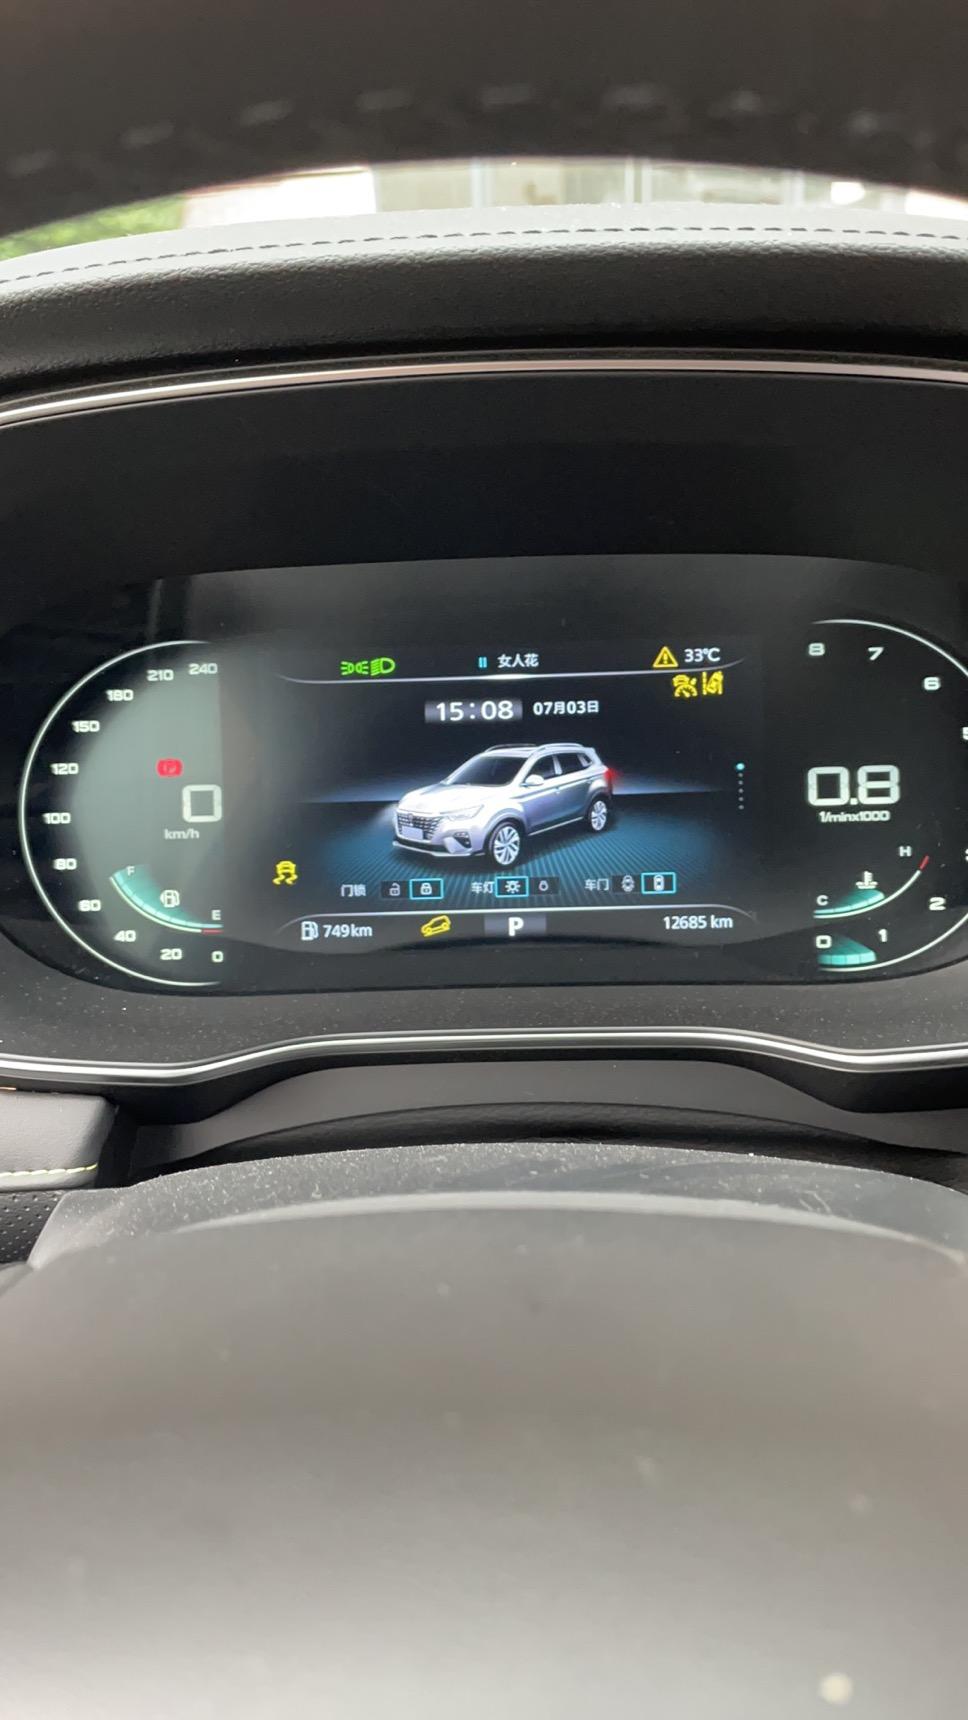 荣威-RX5车辆频繁出故障码报警